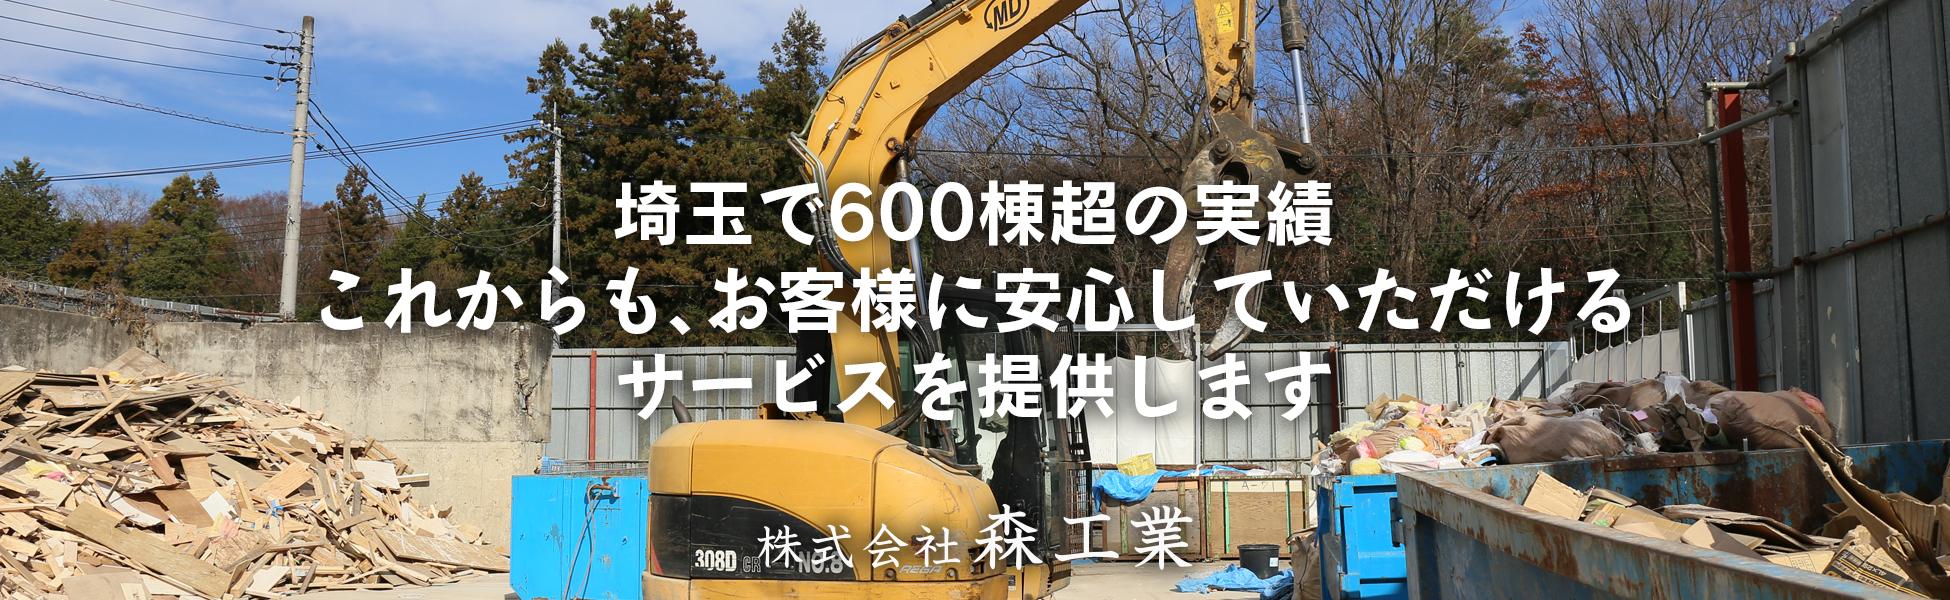 埼玉で600棟超の実績。これからも、お客様に安心していただけるサービスを提供します。